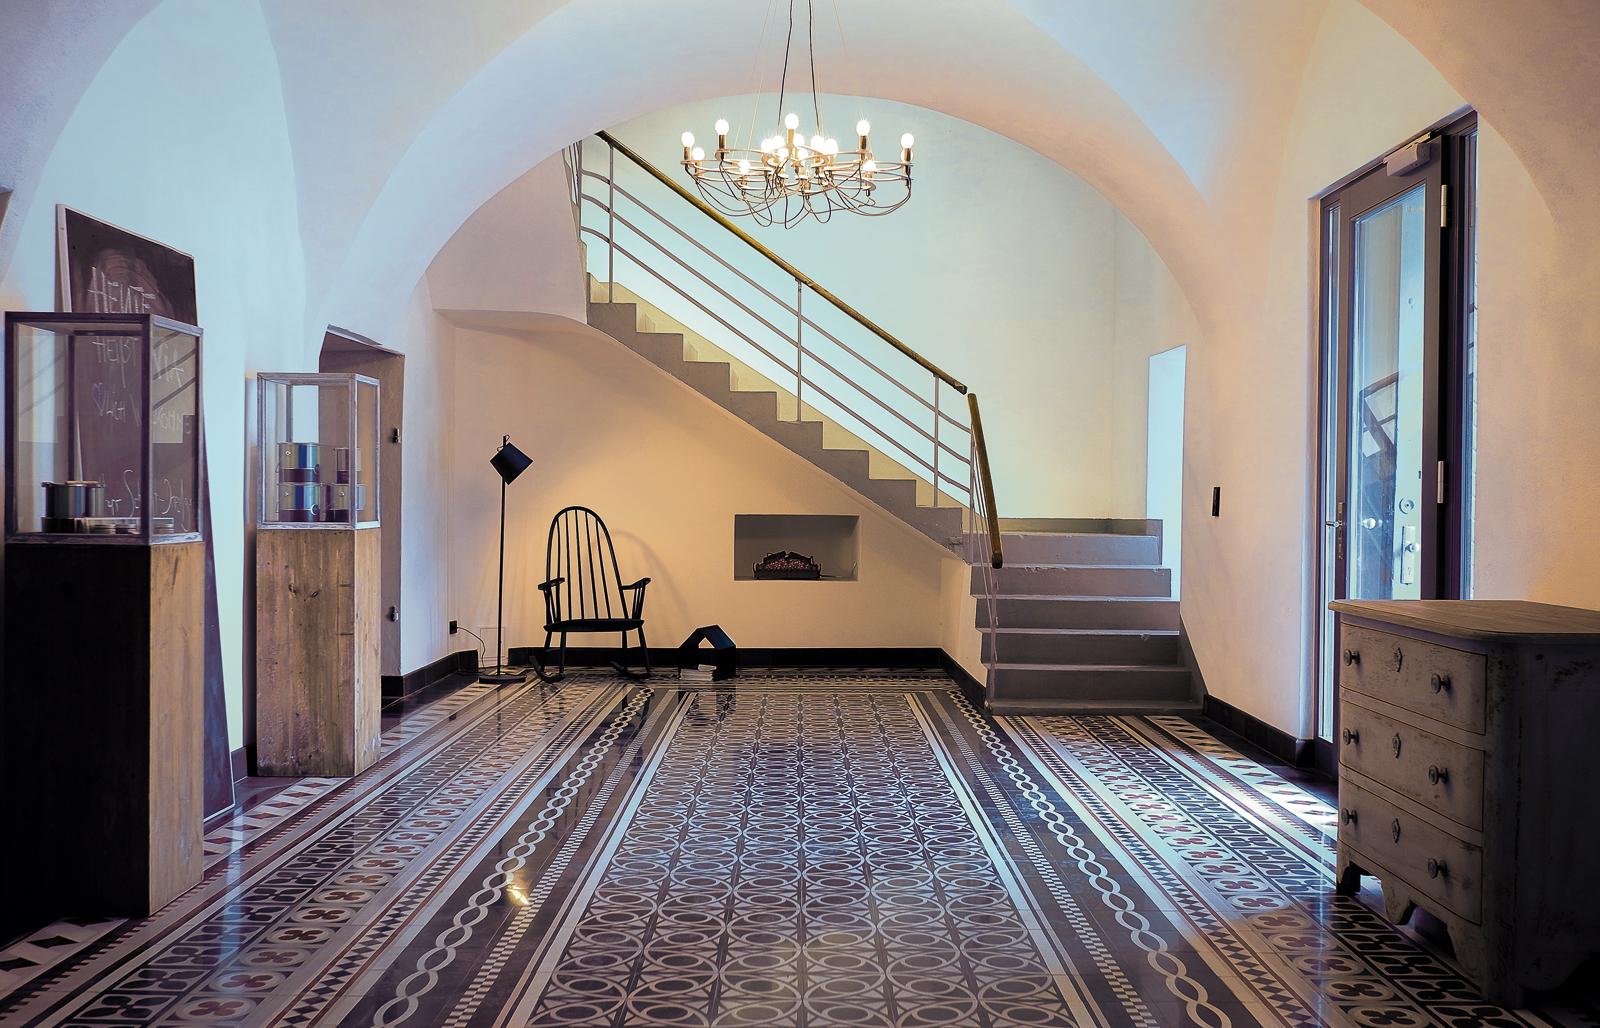 kreidefarbe-Wolkenweiß-112-Eingangshalle-zementfliesen-terrazzofliesen-viaplatten | Kreidefarbe Wolkenweiß 2500 ml